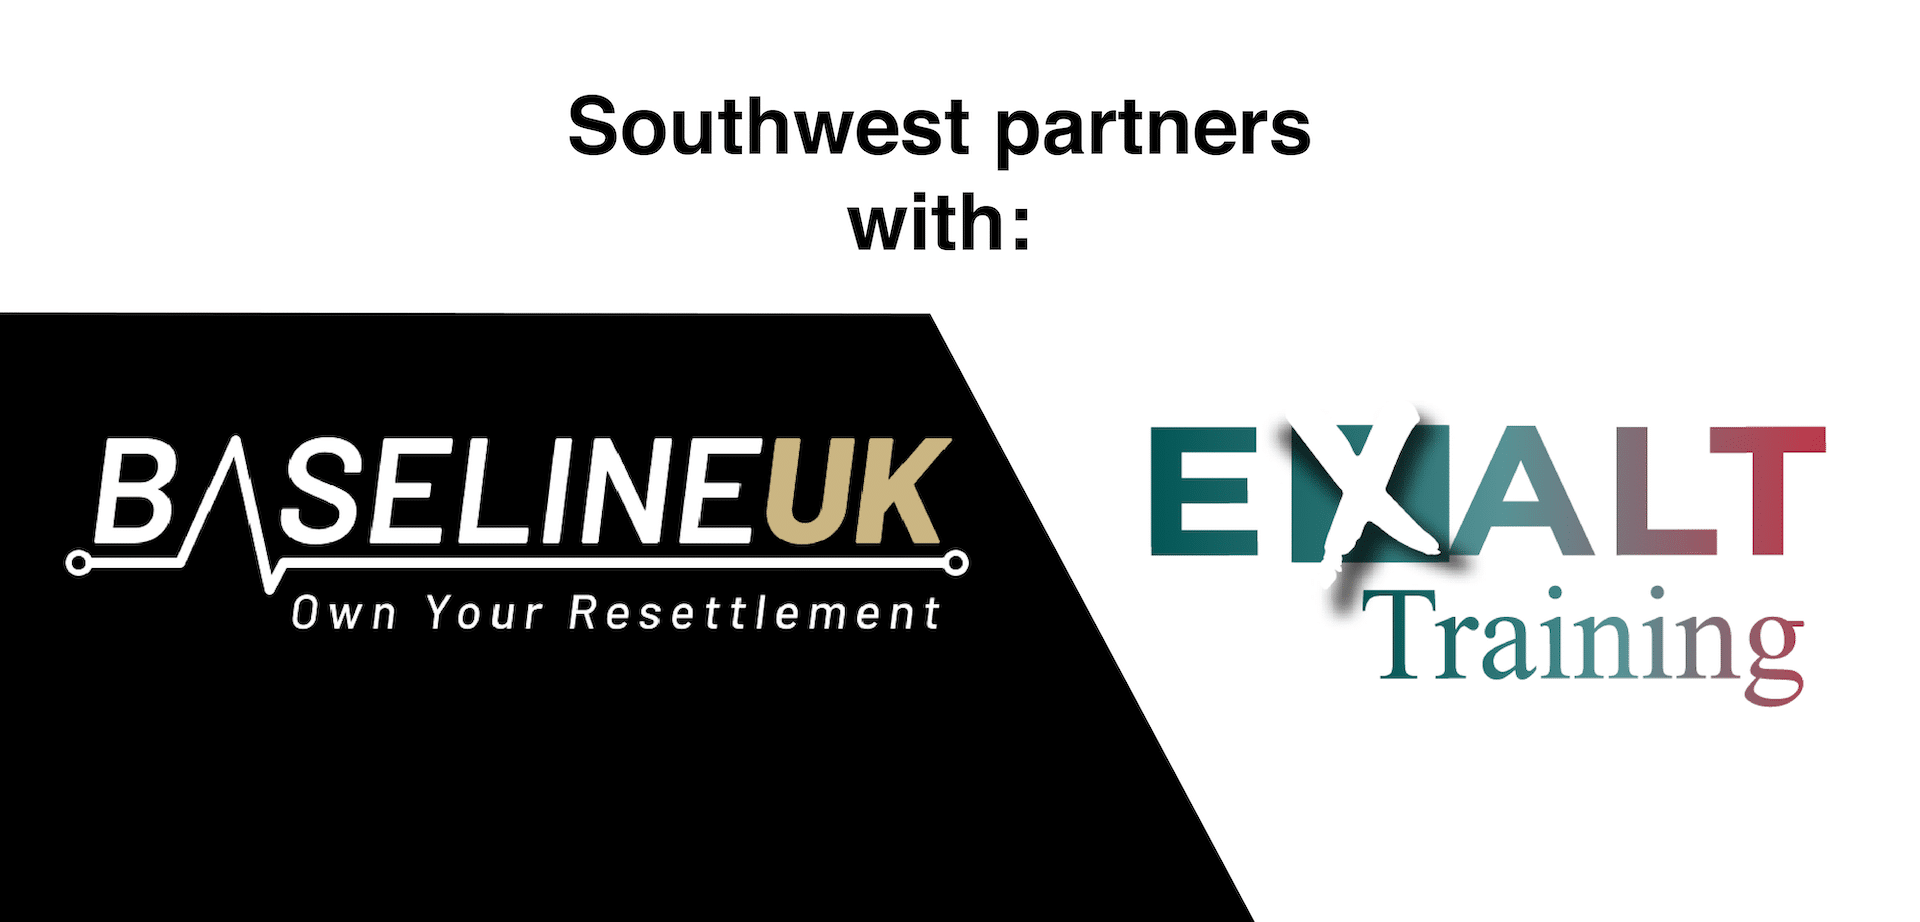 Southwest partners with BaselineUk and Exalt Training